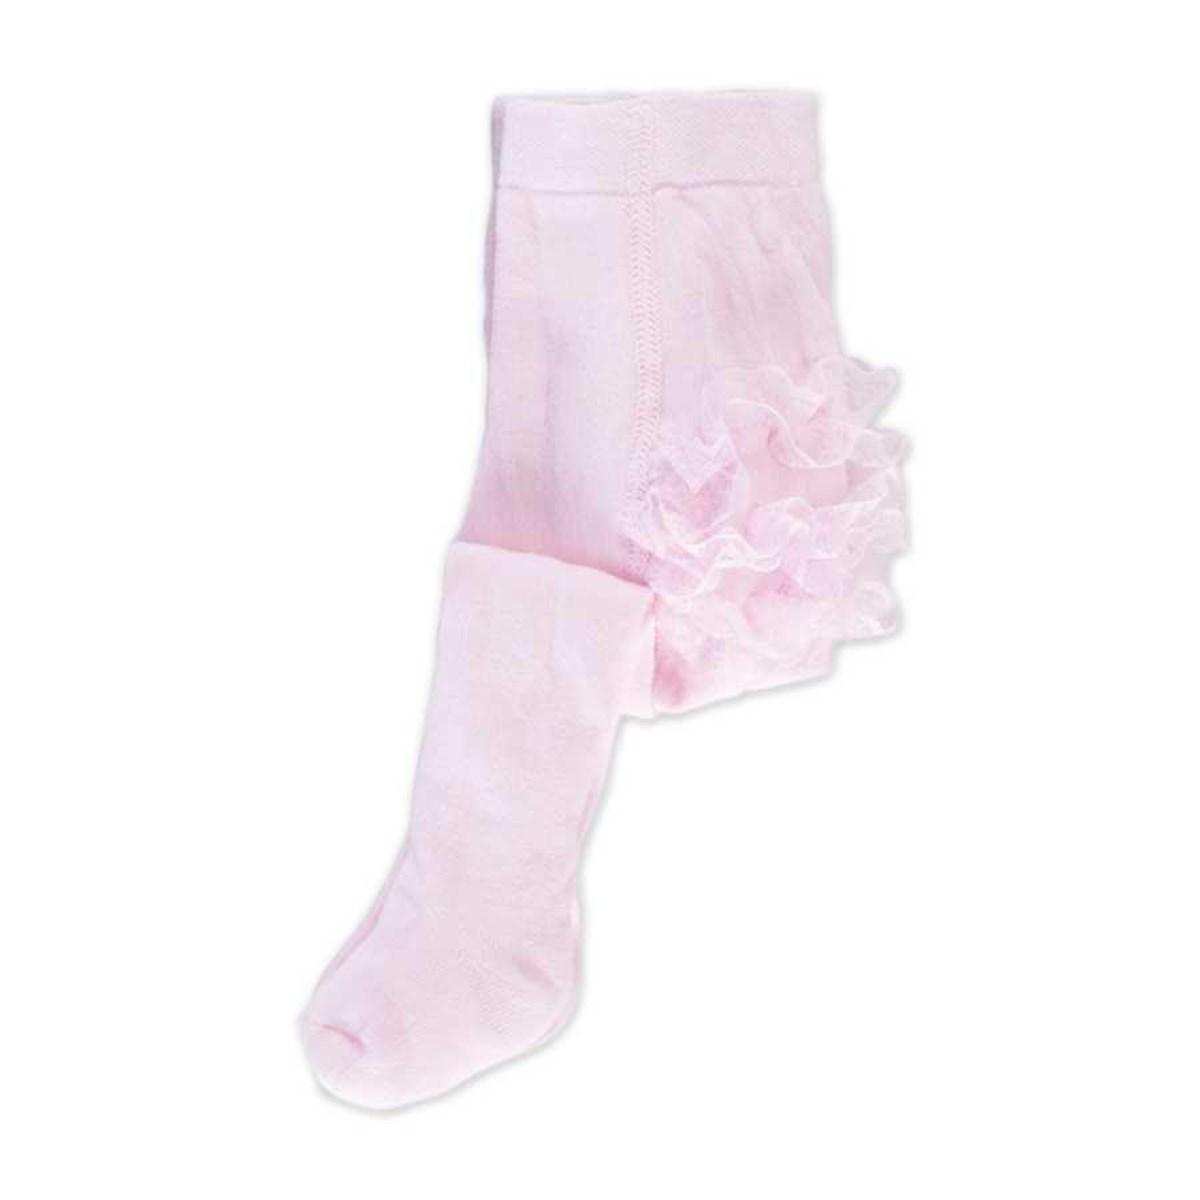 8455 Lily Kilotlu Çorap 1